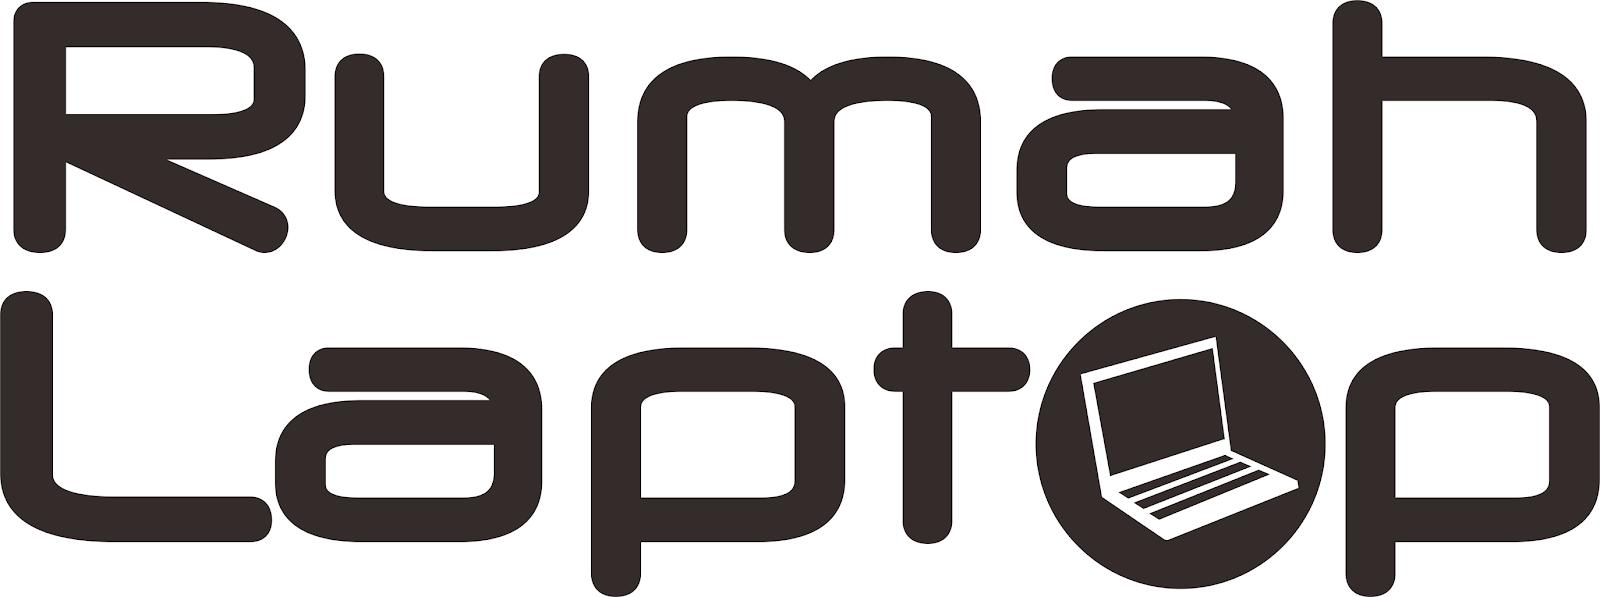 Catatan Faridx Logo Rumah Laptop Cianjur Transparan